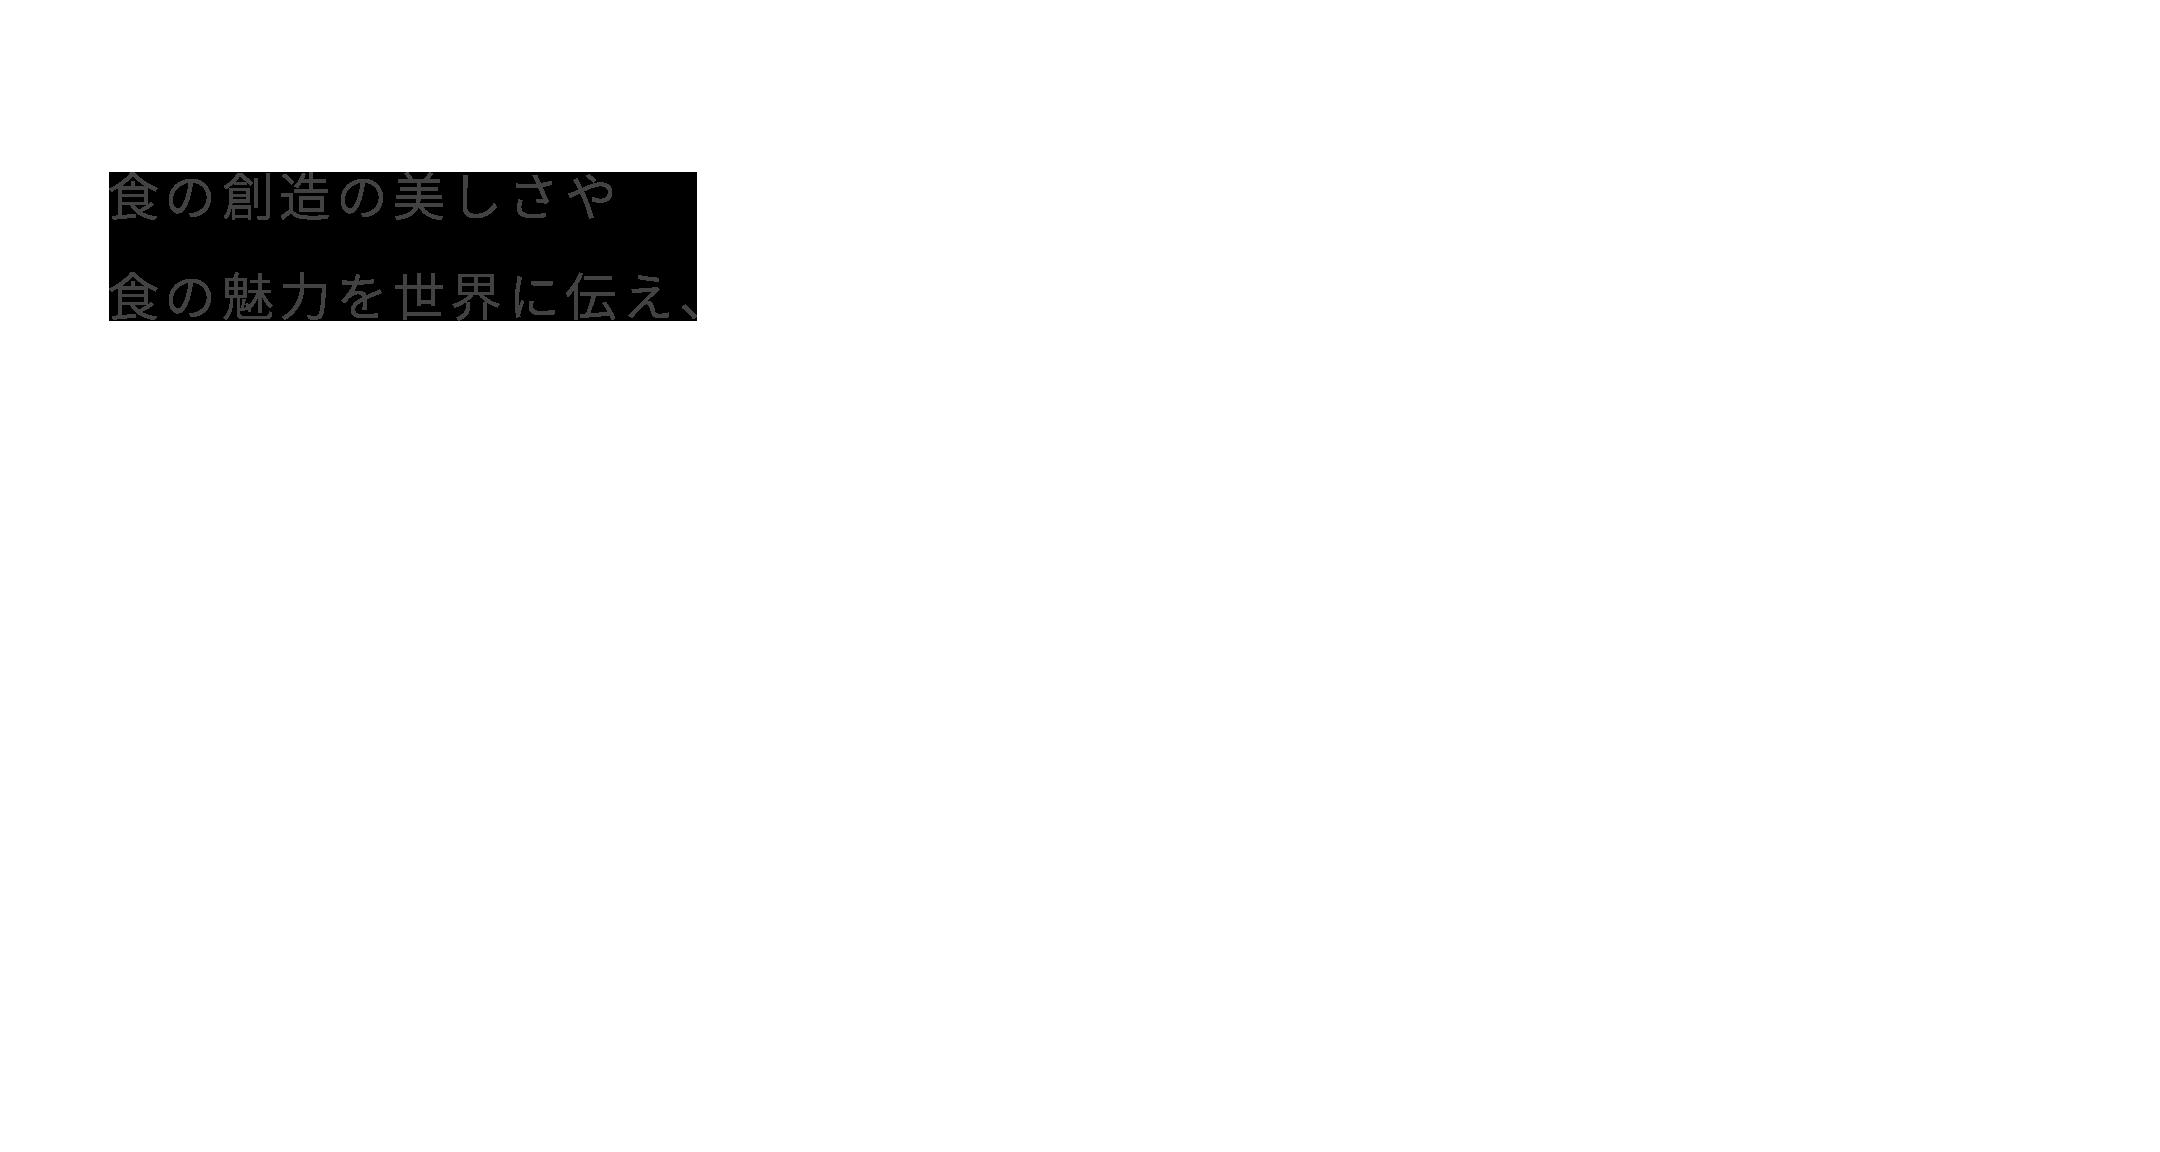 株式会社JFLAホールディングス